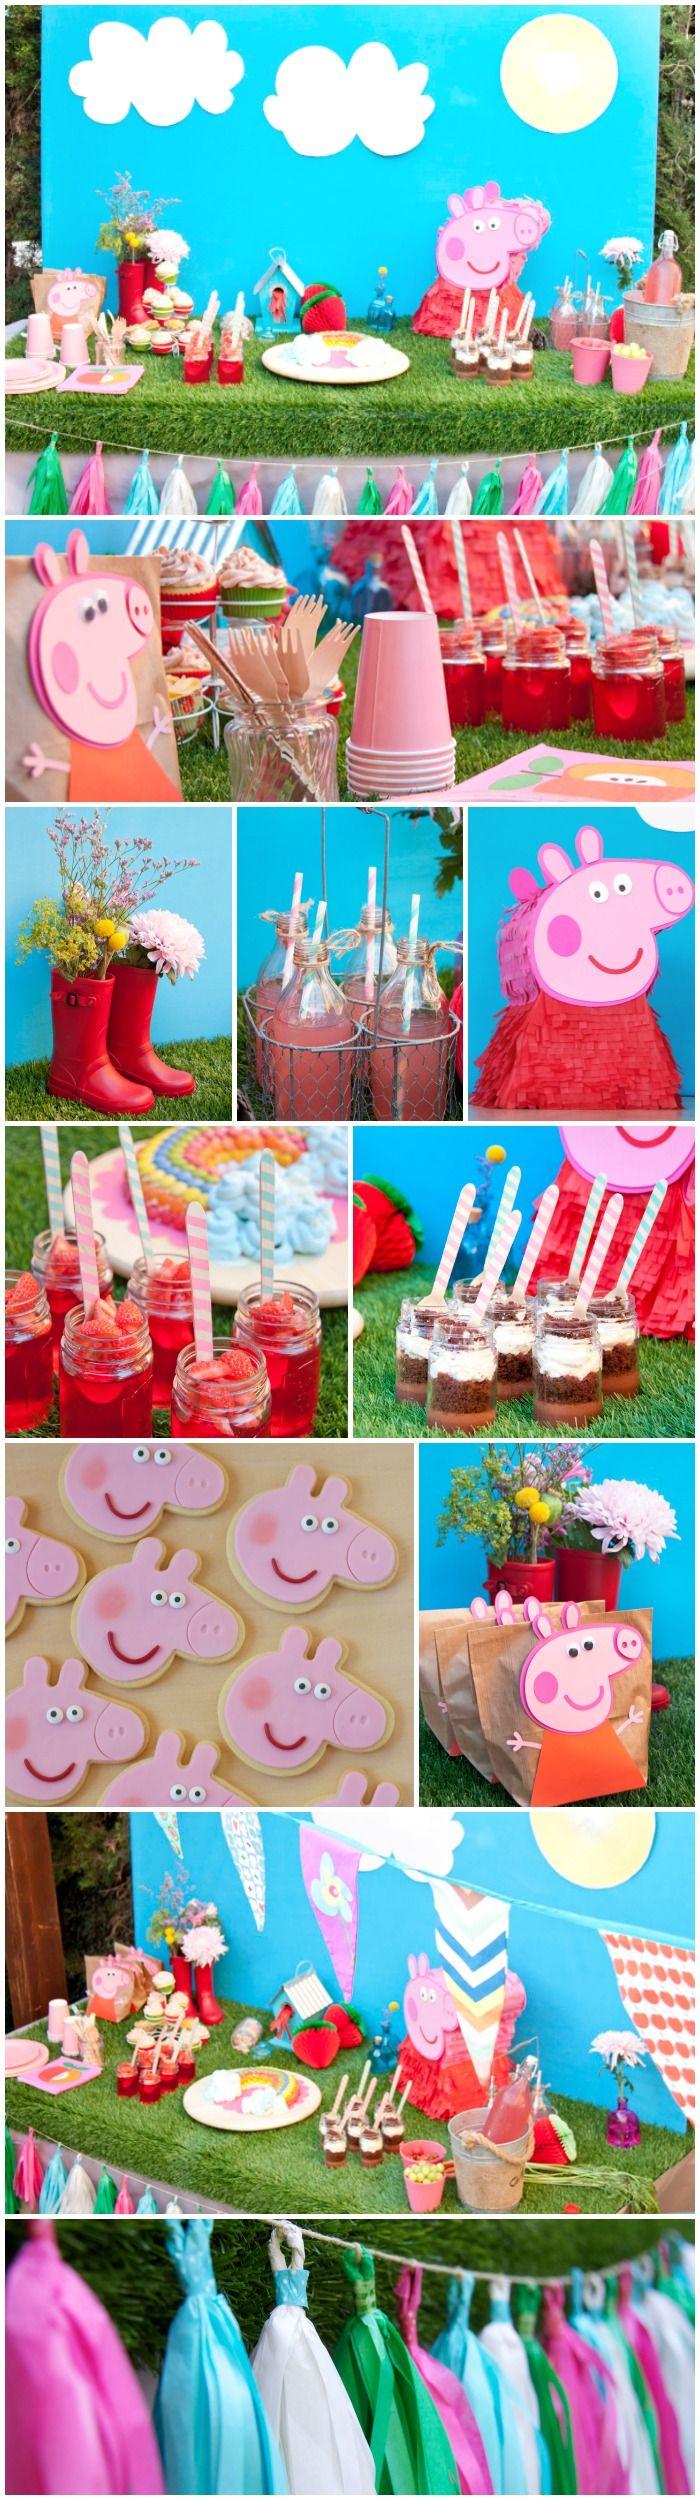 Peppa Pig Party - Fiesta Peppa Pig. http://www.azucarillosdecolores.com/2014/09/la-fiesta-de-peppa-pig-y-de-alicia.html